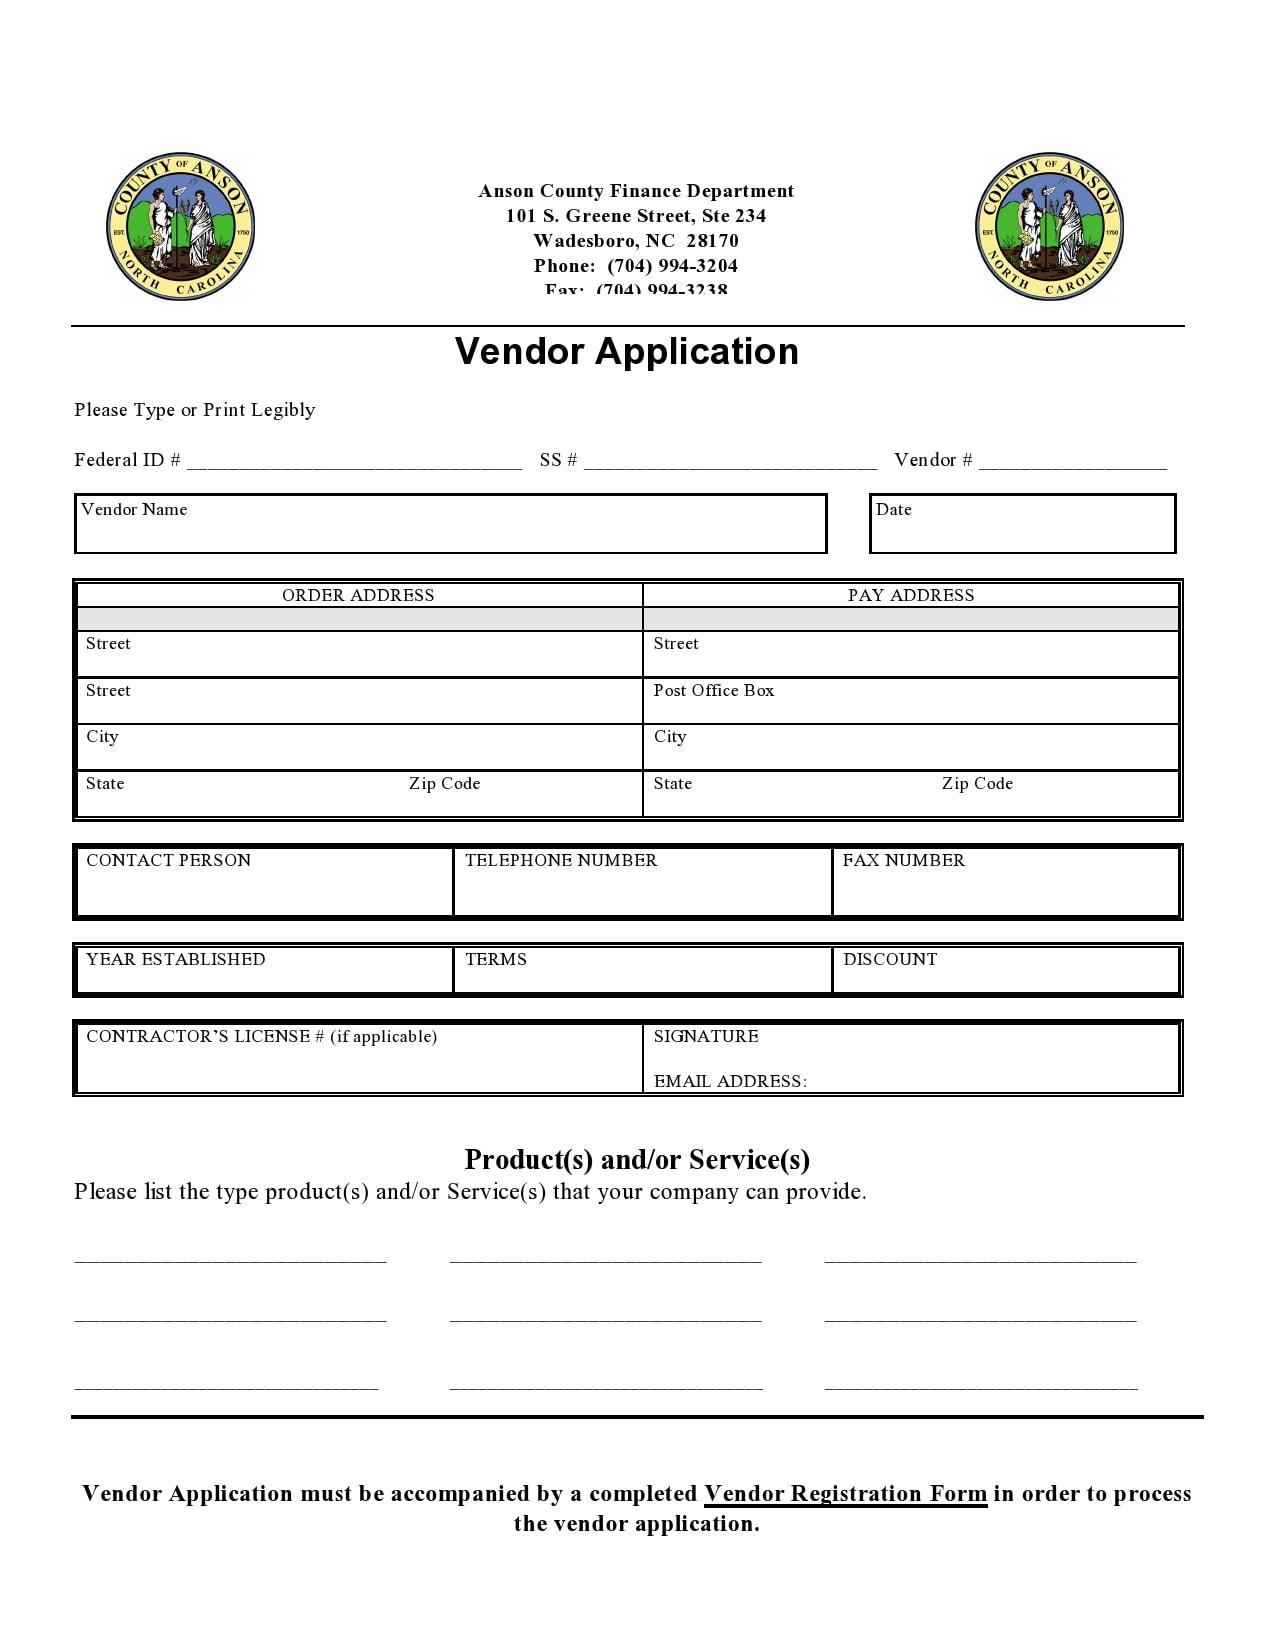 vendor application form 19